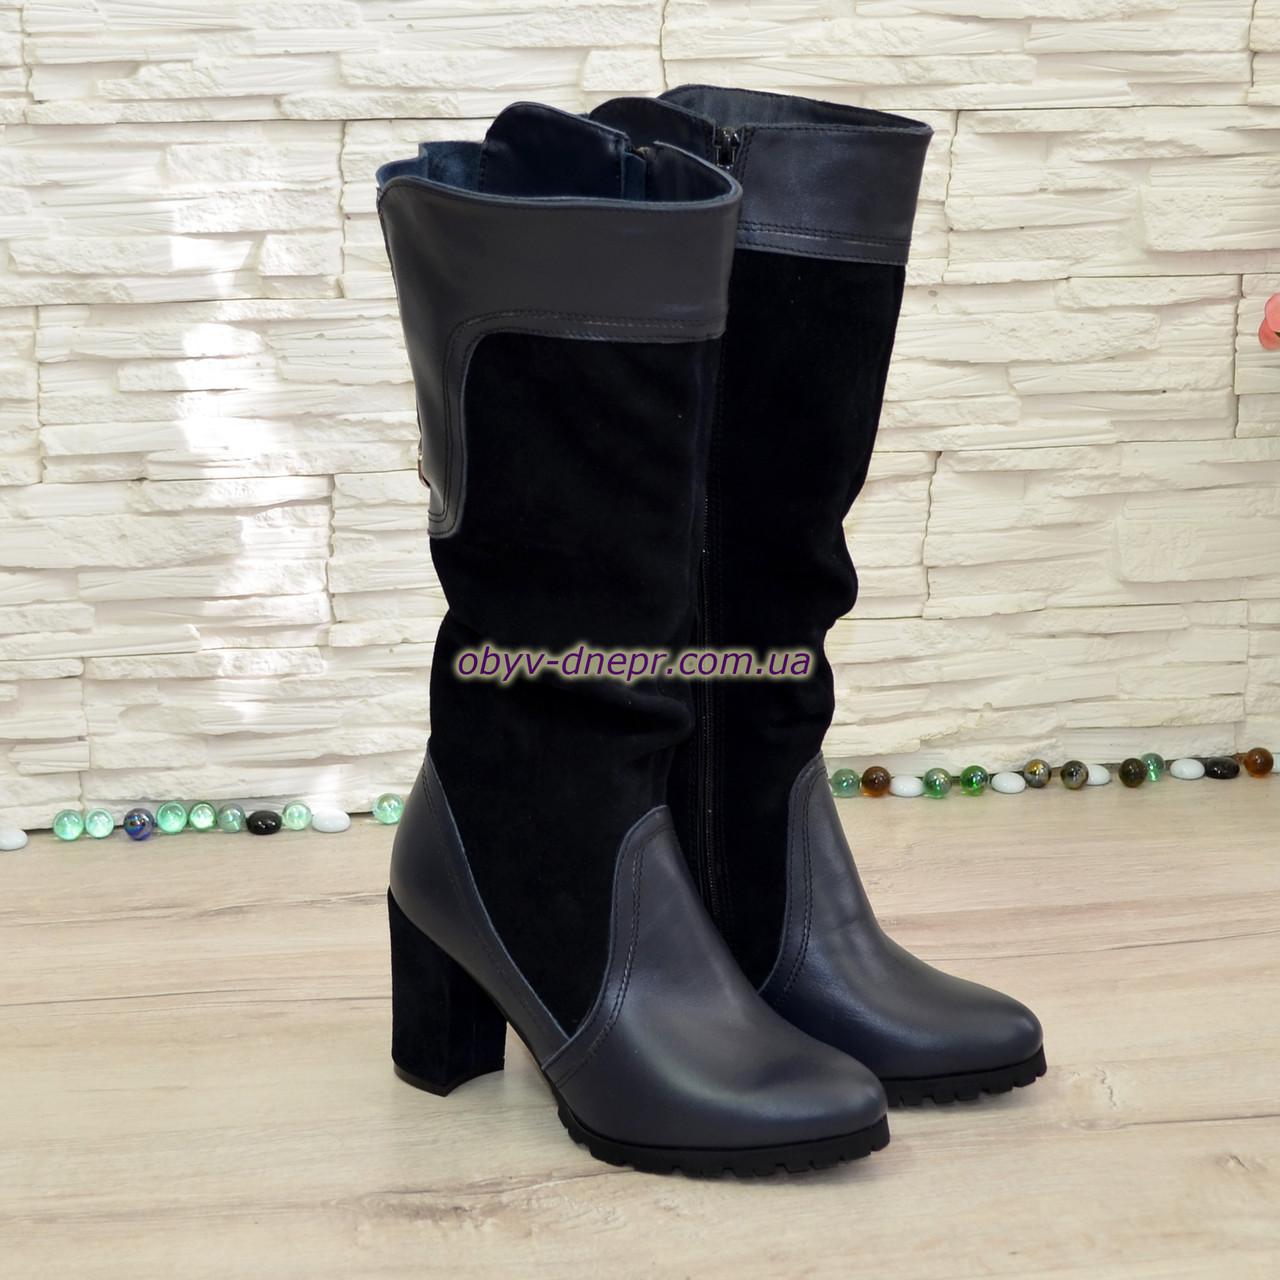 Сапоги комбинированные демисезонные на устойчивом каблуке. 37 размер